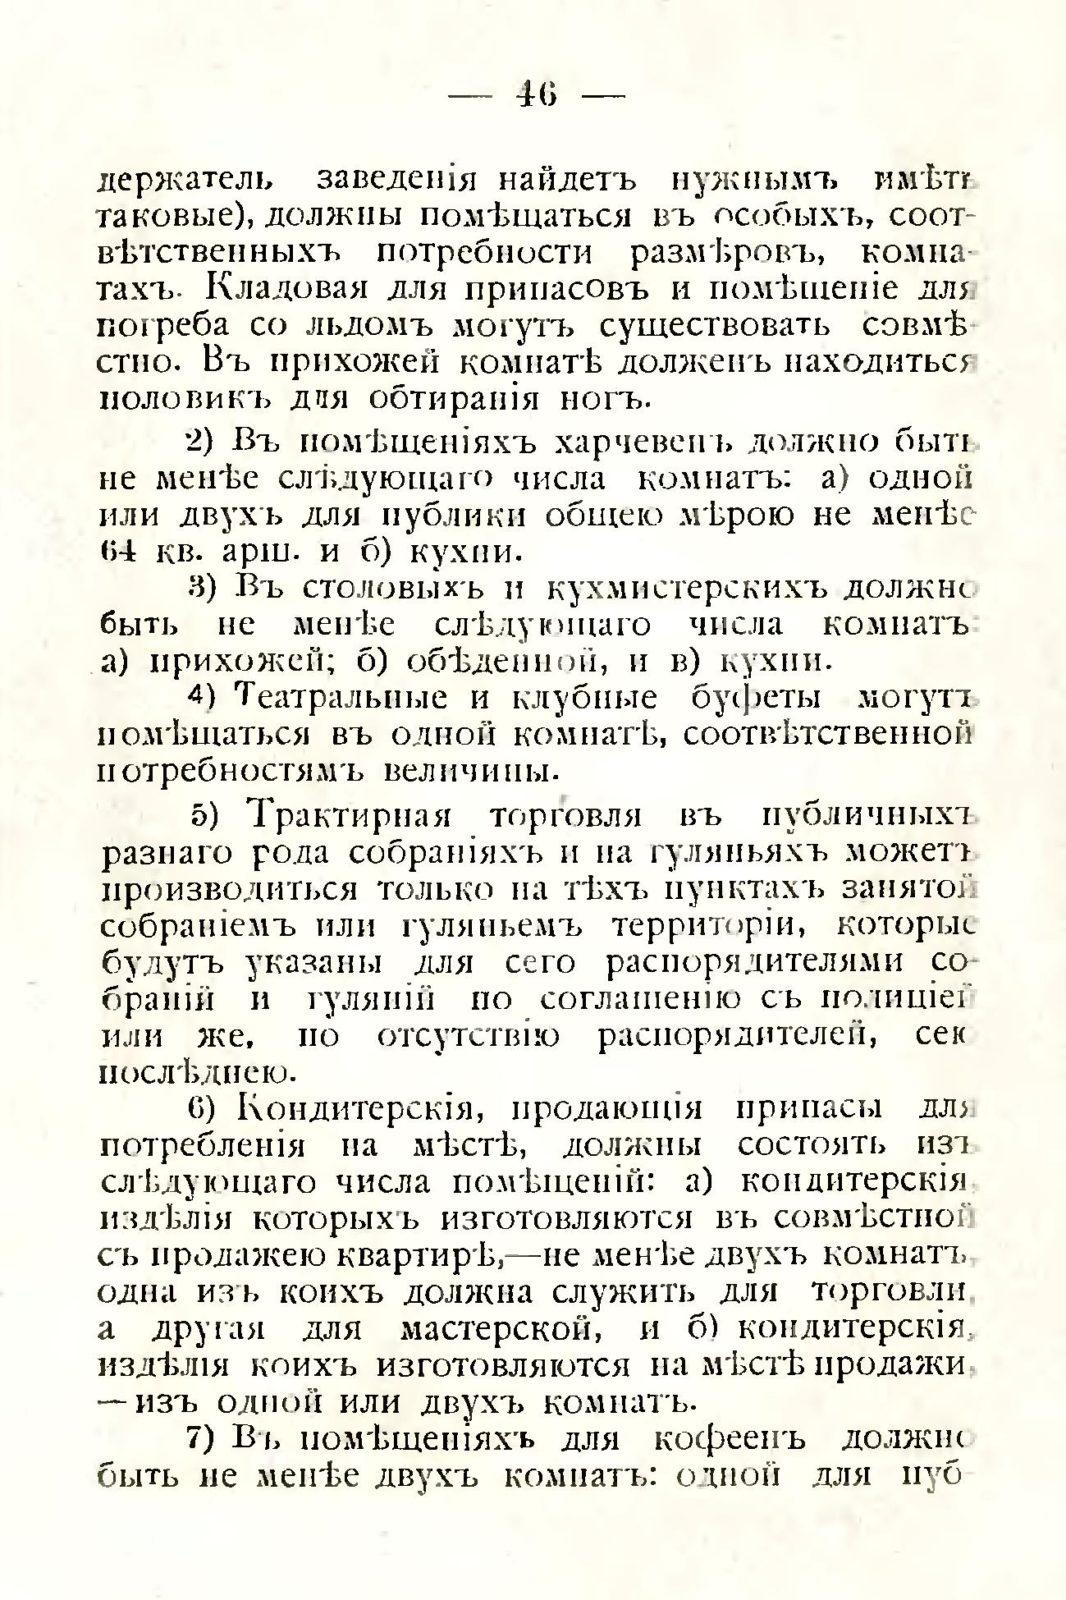 sbornik_obyazatelnyh_postanovlenii_tashkentskoi_gorodskoi_du_50